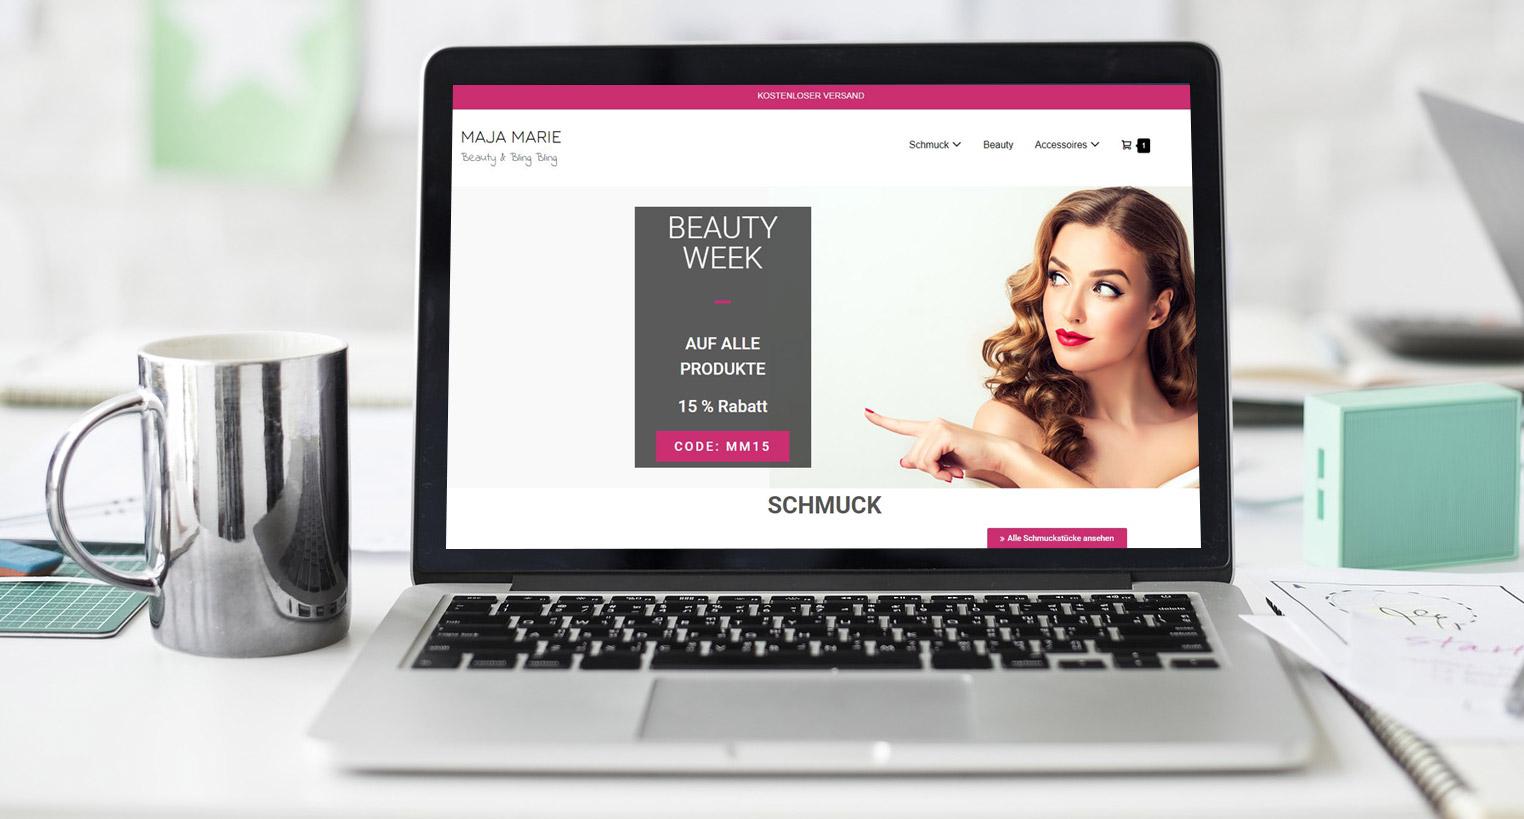 Referenz Online Shop Ecommerce Kraichtal